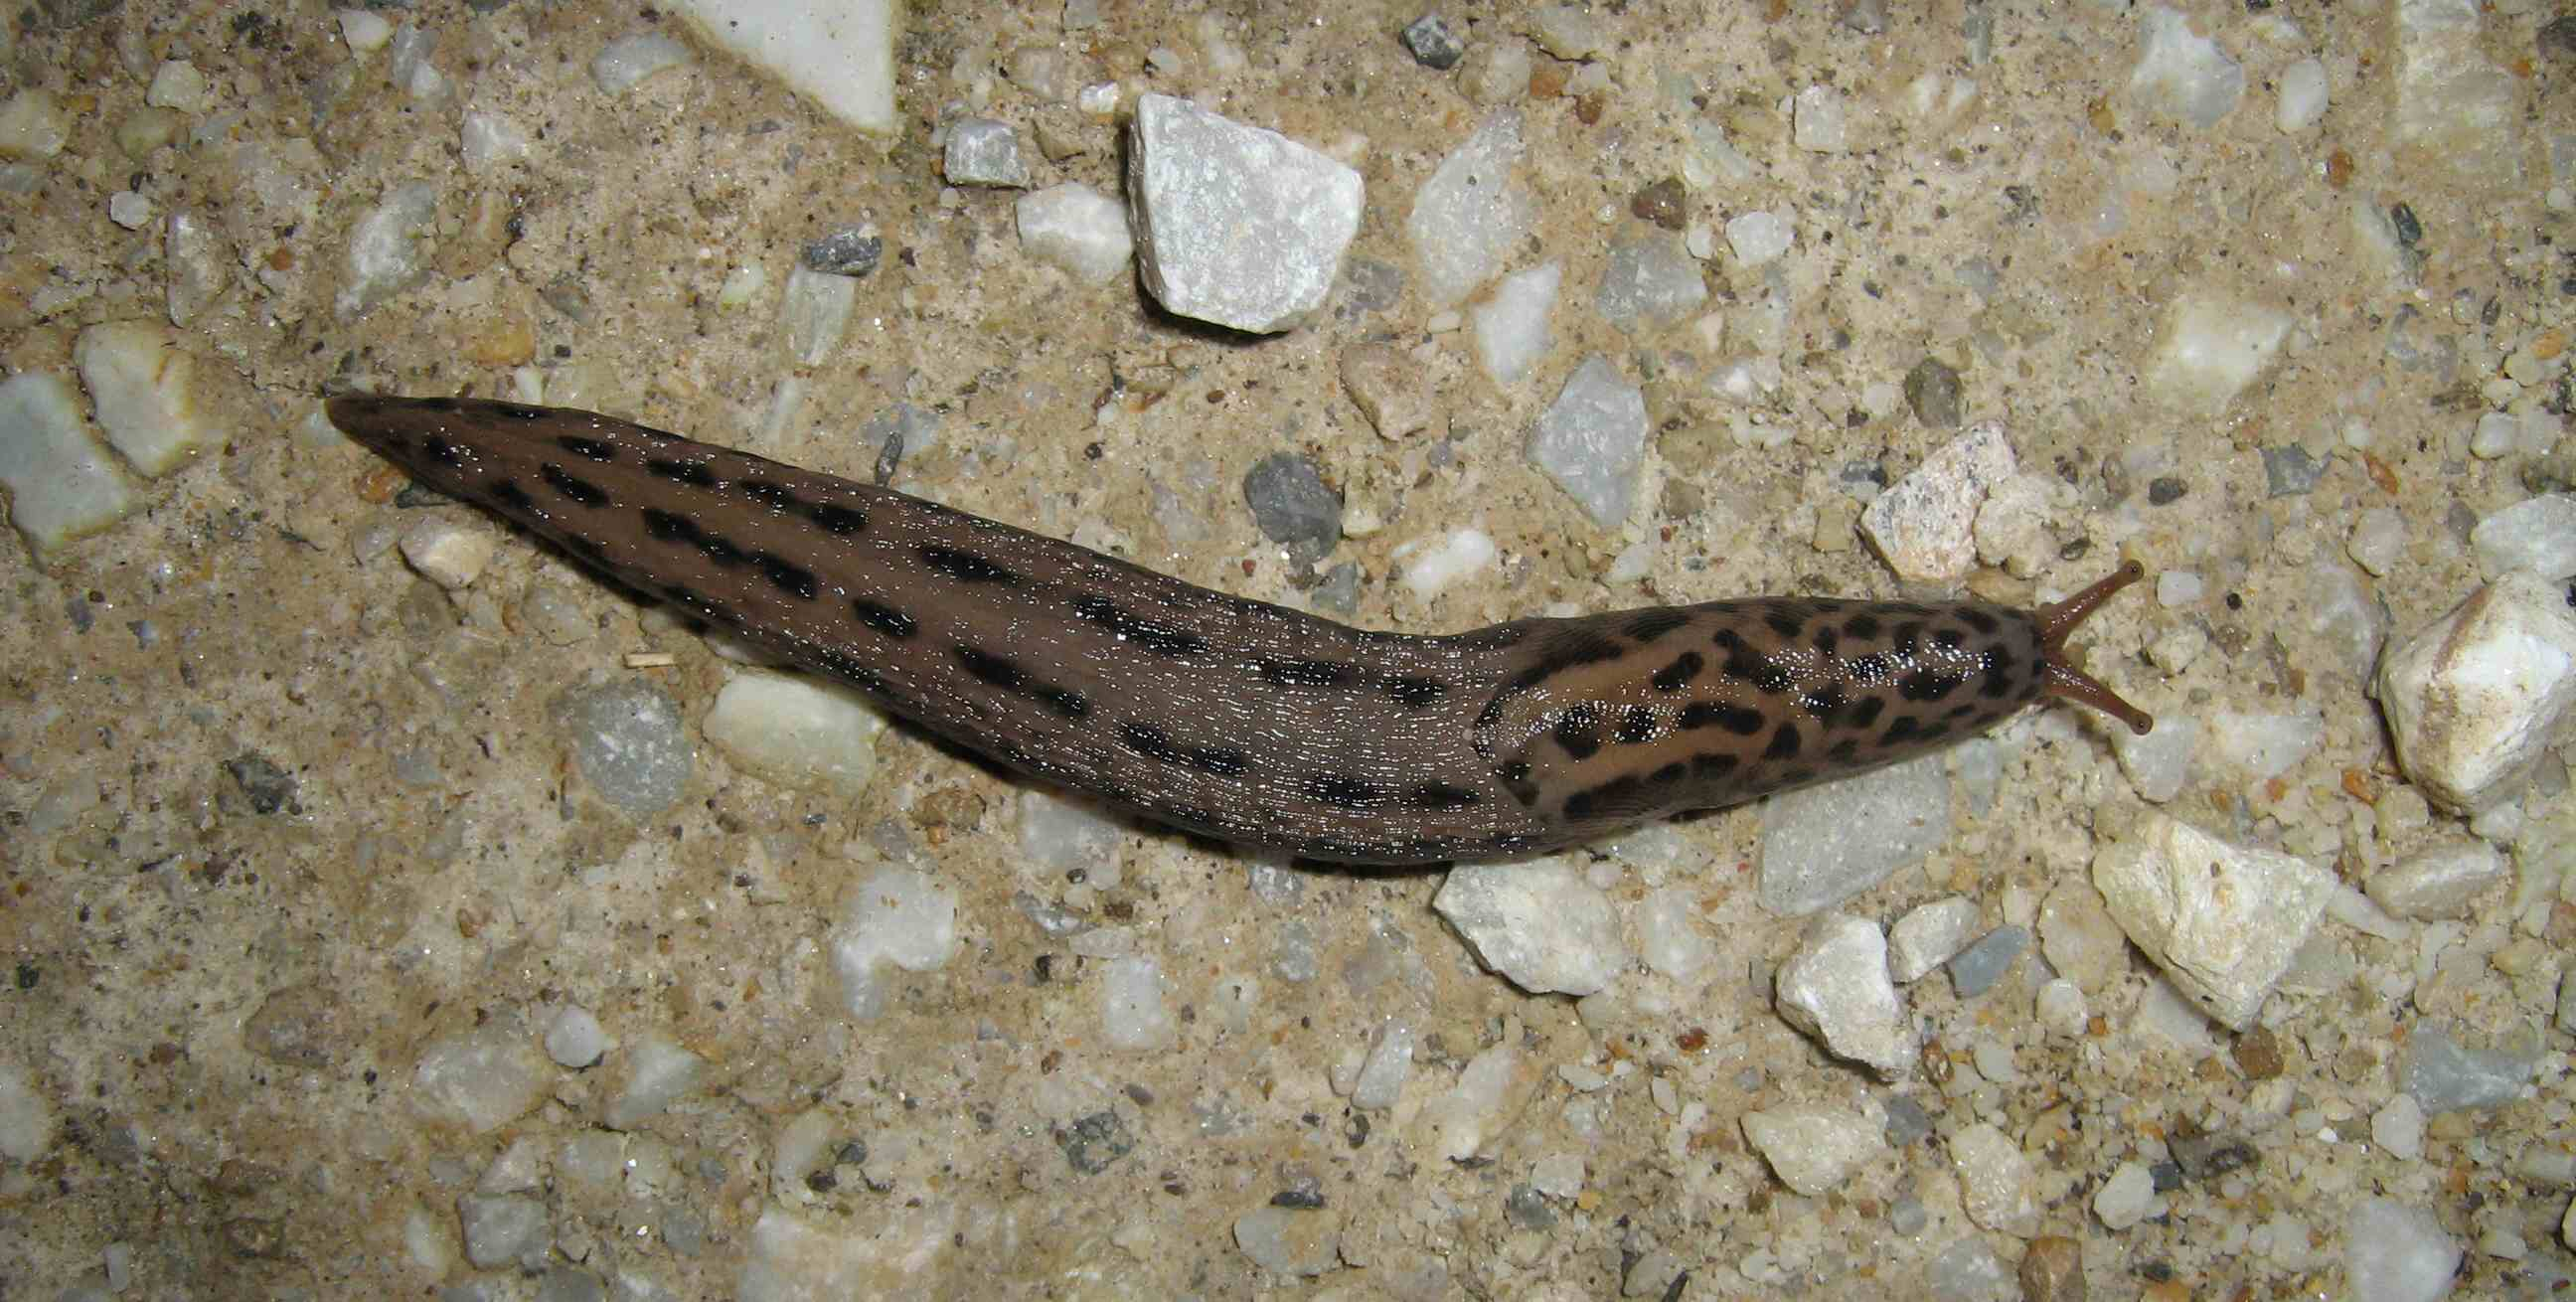 Limax maximus da Cuneo (Piemonte)